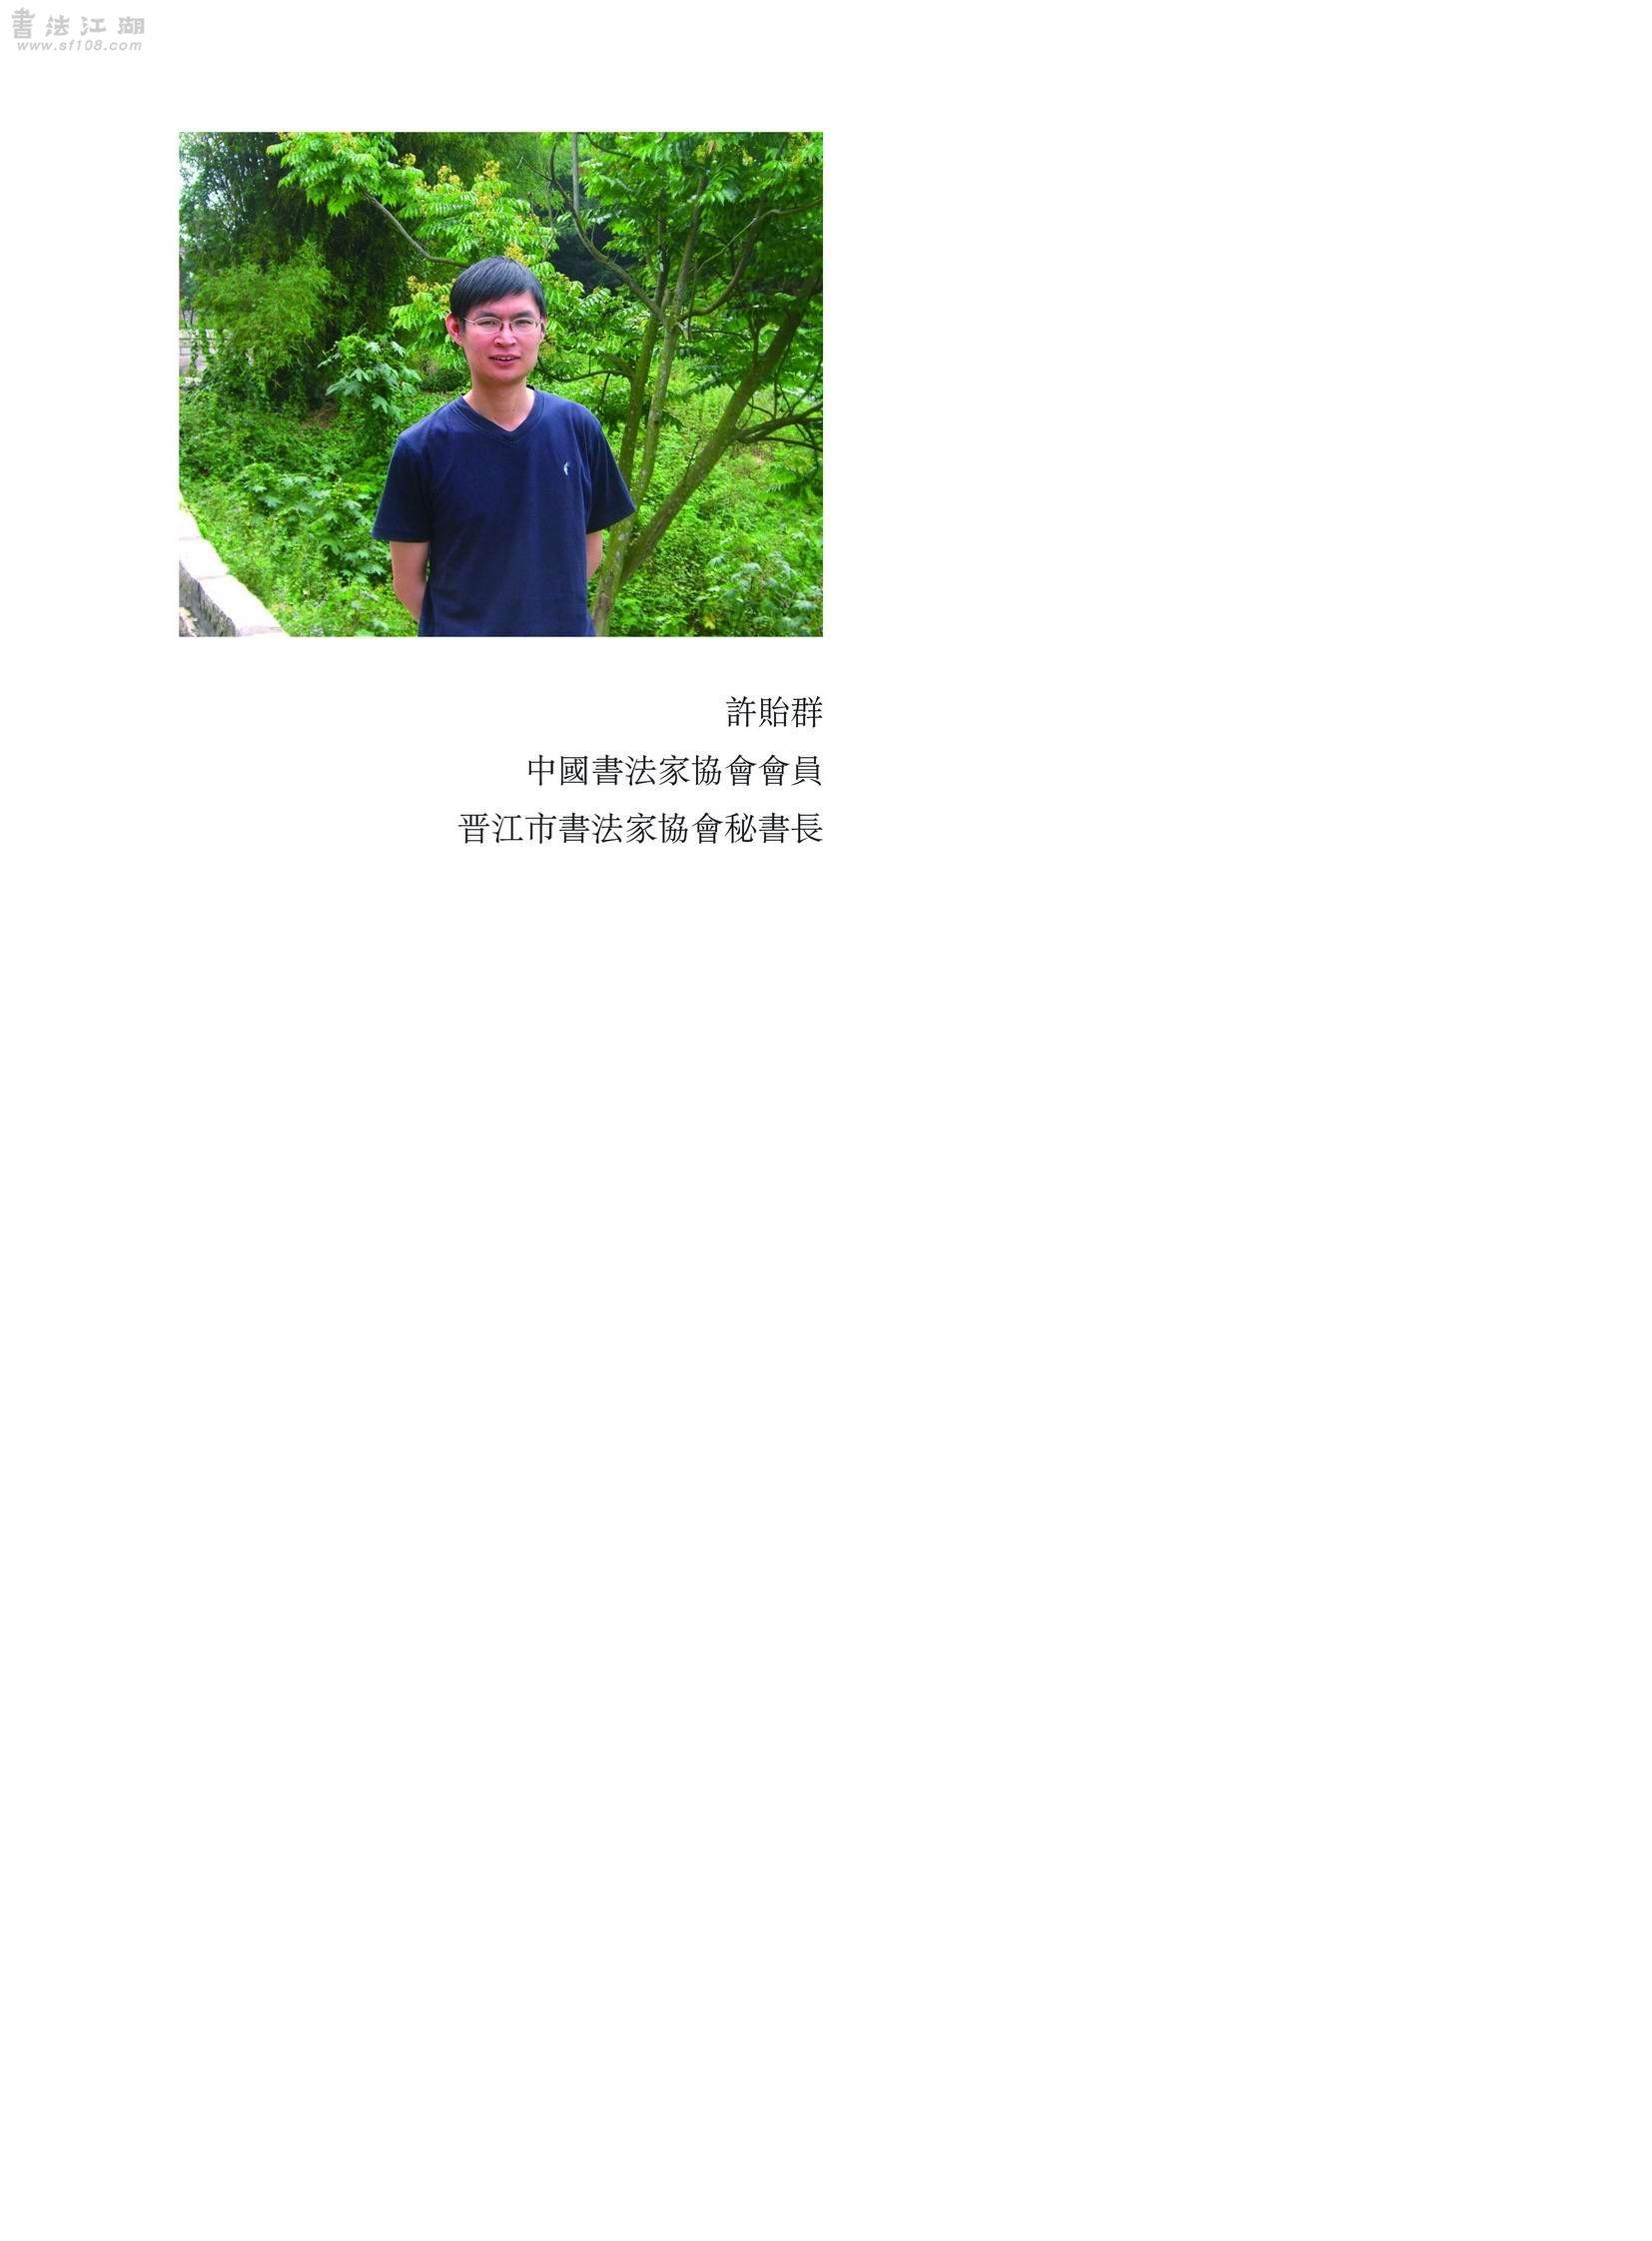 简介_缩小大小.jpg